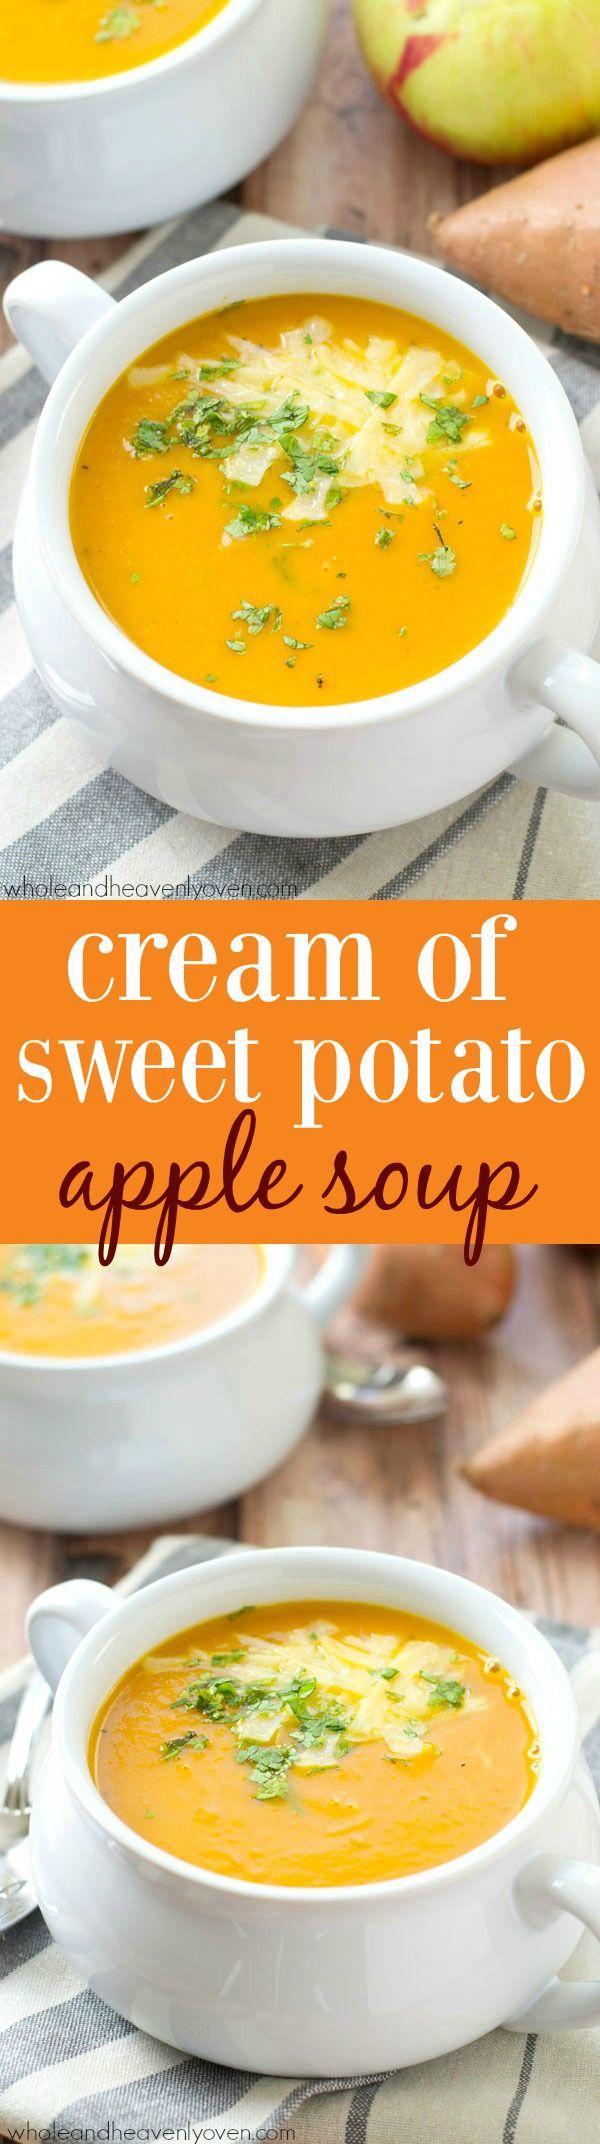 Kadife şekli pürüzsüz ve tatlı patates ve elma çeşnileri ile dolu bu sonbahar aromalı krema çorbası, soğuk bir günde nihai bir ısınmaya sahip!  @WholeHeavenly